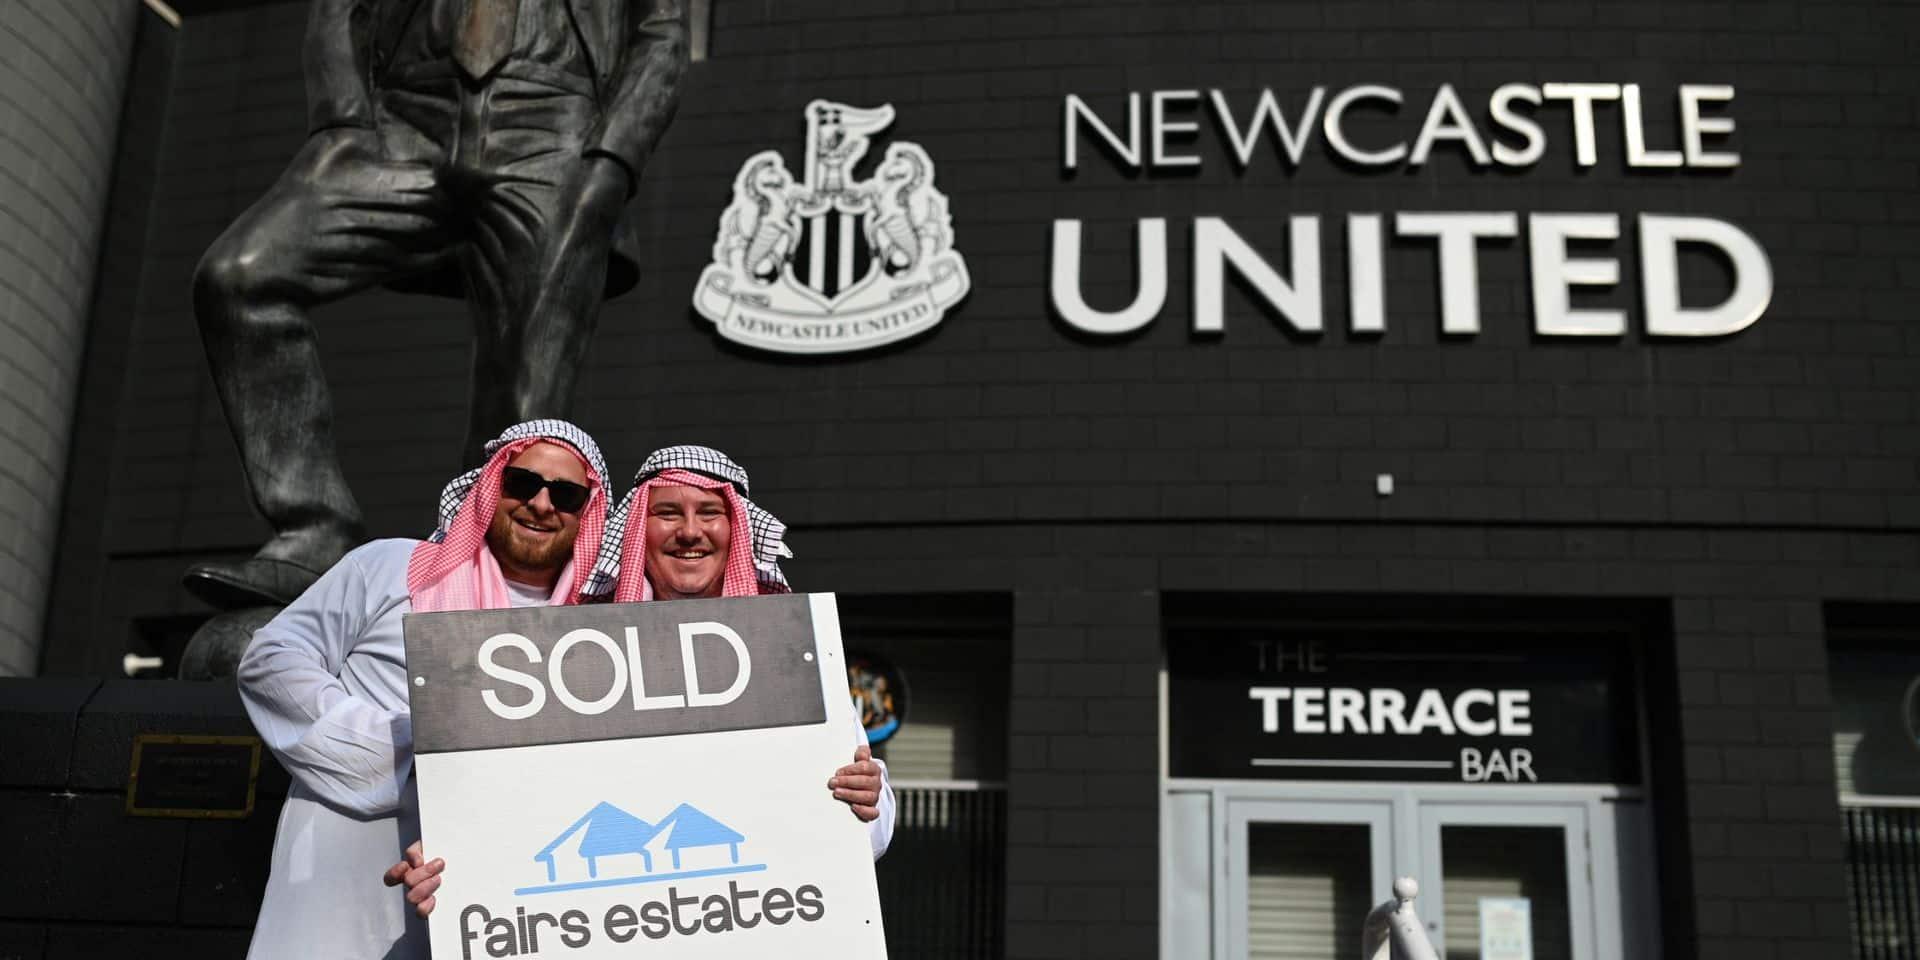 Recrutement, club le plus riche au monde, concurrence du PSG et City: Newcastle entre dans une nouvelle ère avec les Saoudiens